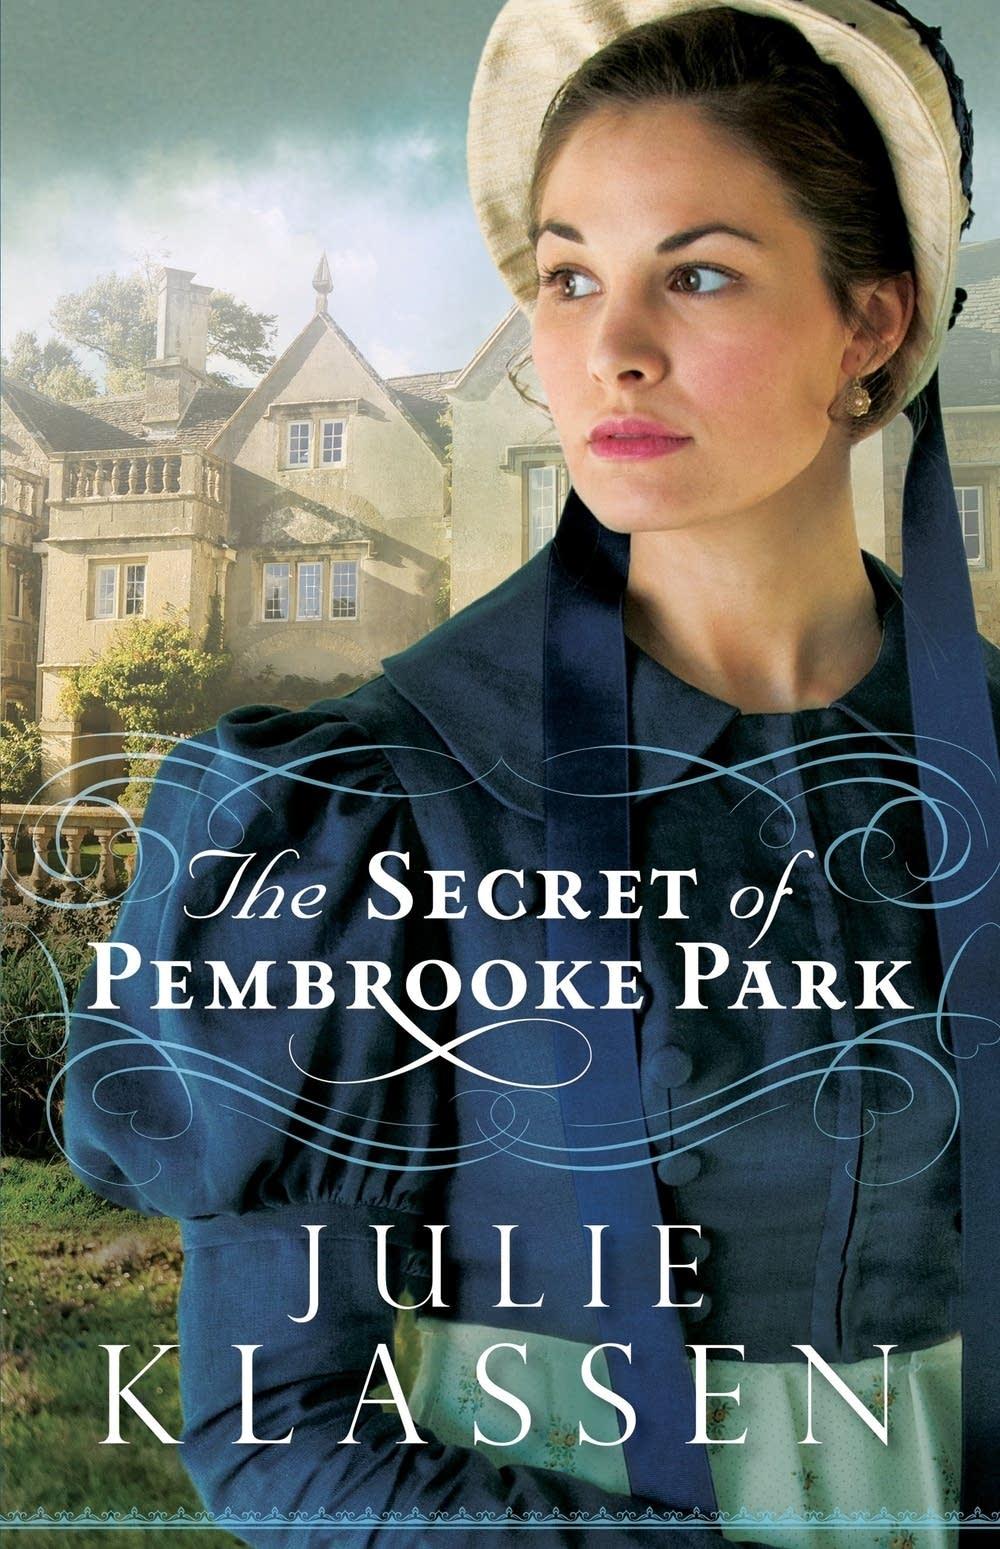 'The Secret of Pembrooke Park' by Julie Klassen